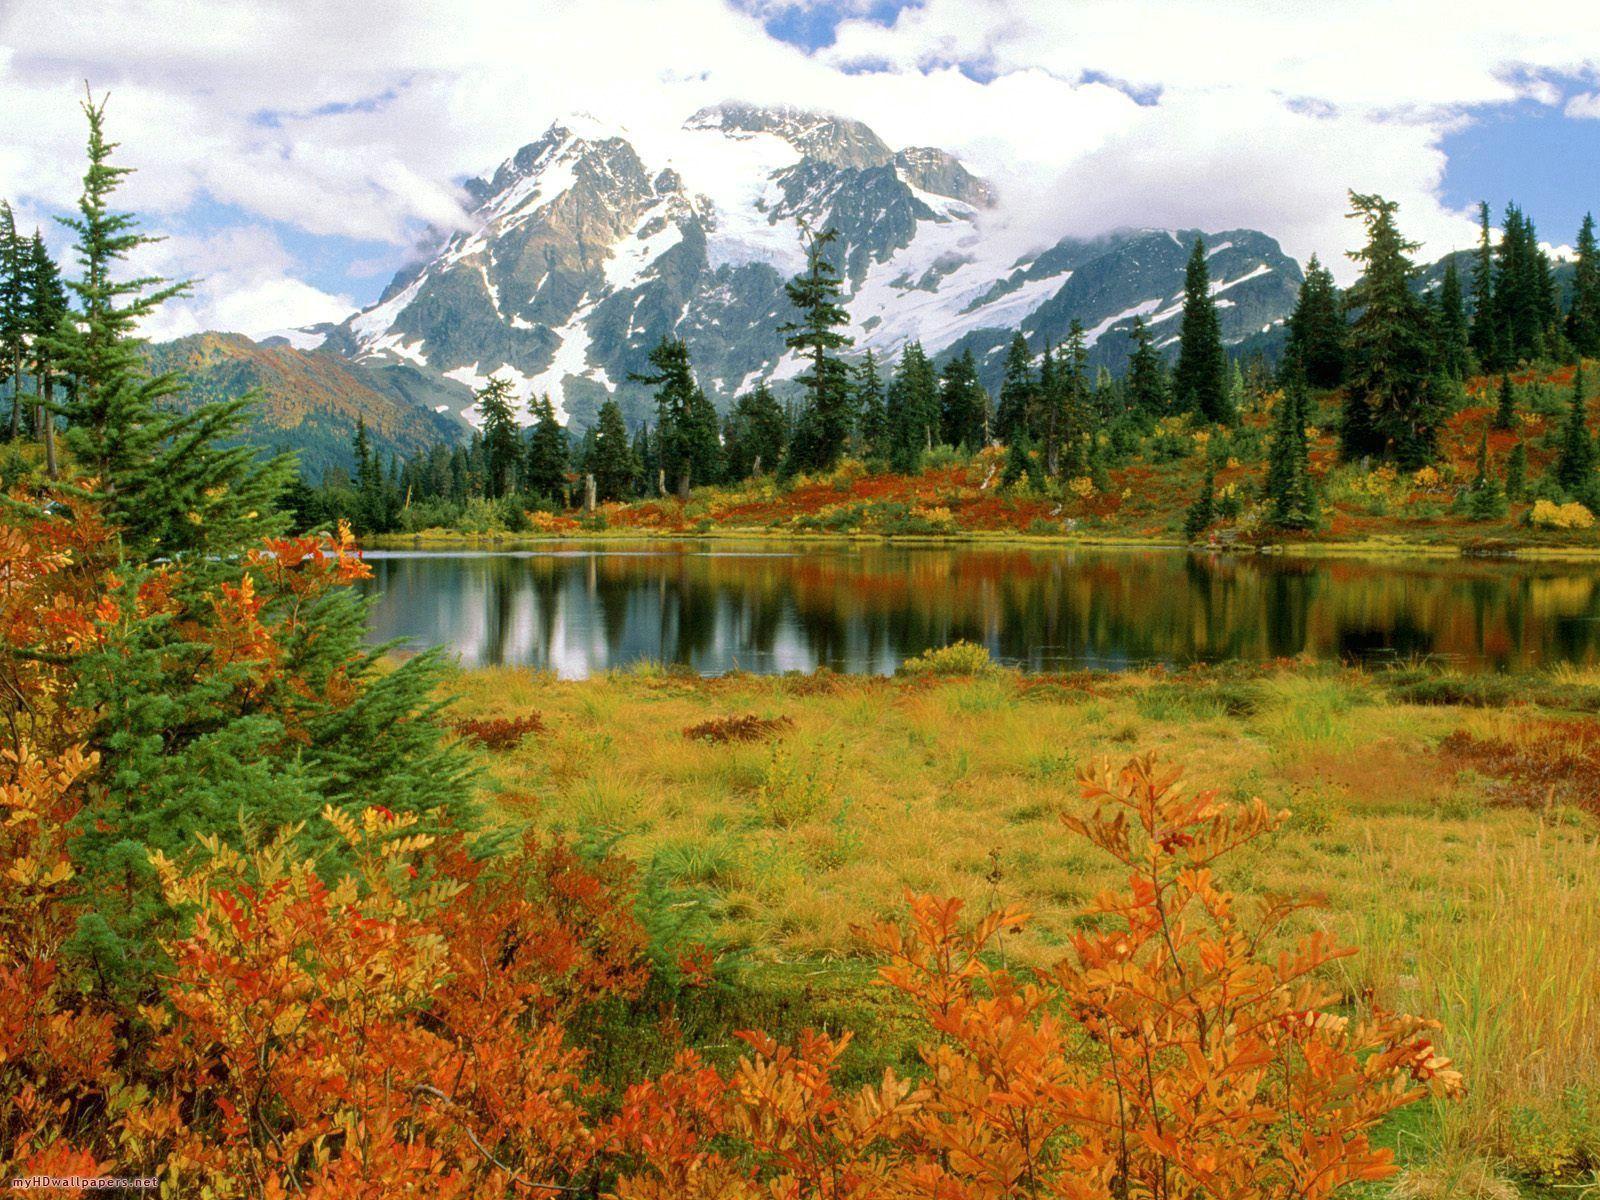 61561 скачать обои Природа, Деревья, Осень, Озеро, Даль, Свет - заставки и картинки бесплатно